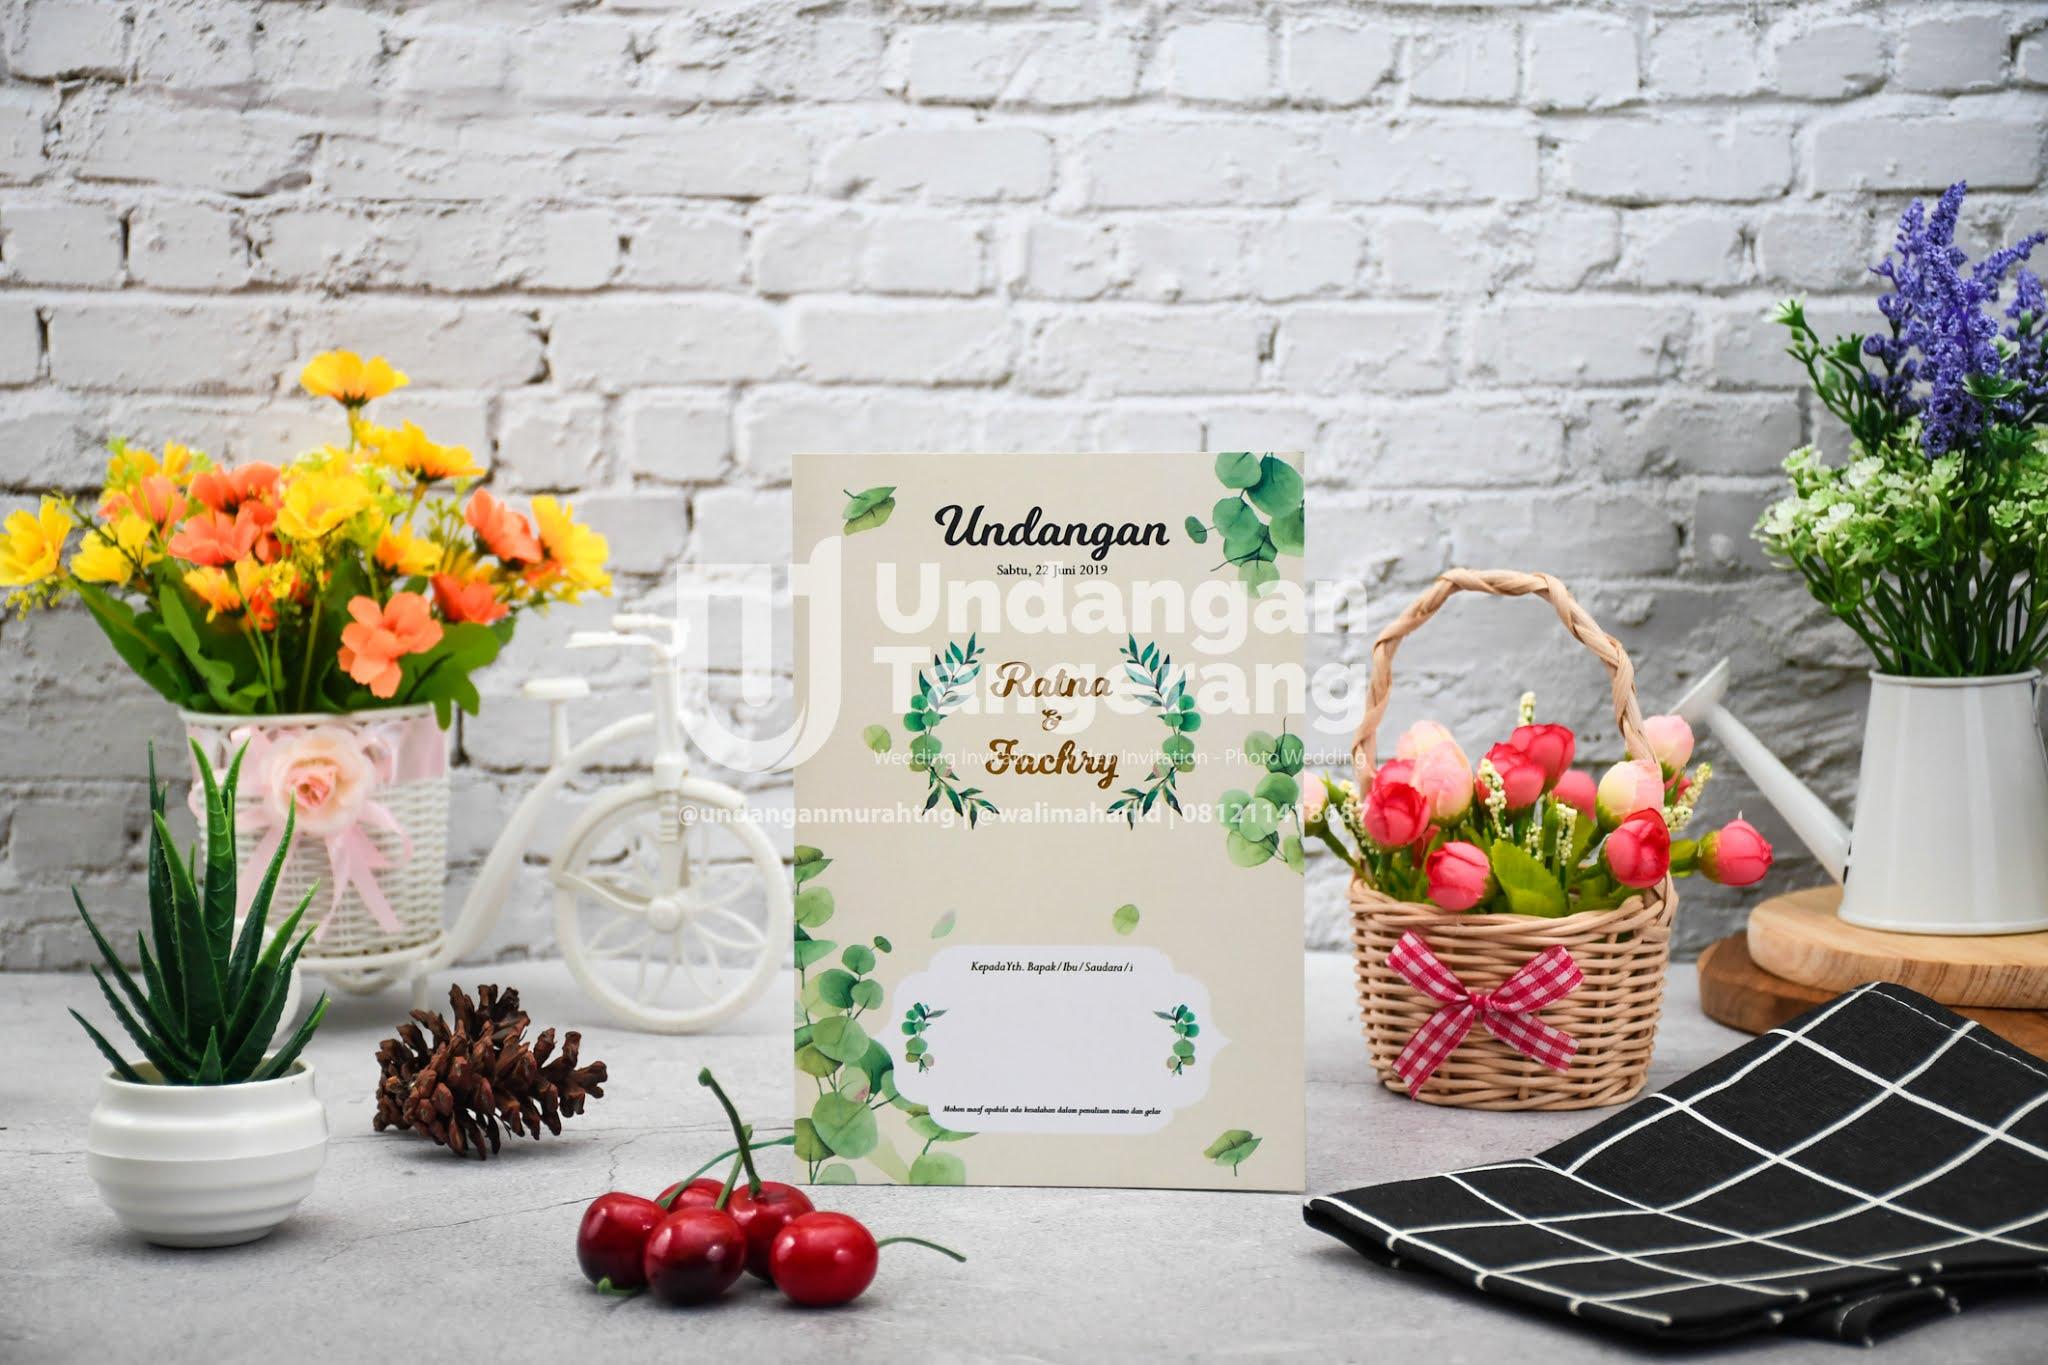 Undangan Pernikahan Tangerang Softcover A01 - Walimahanid